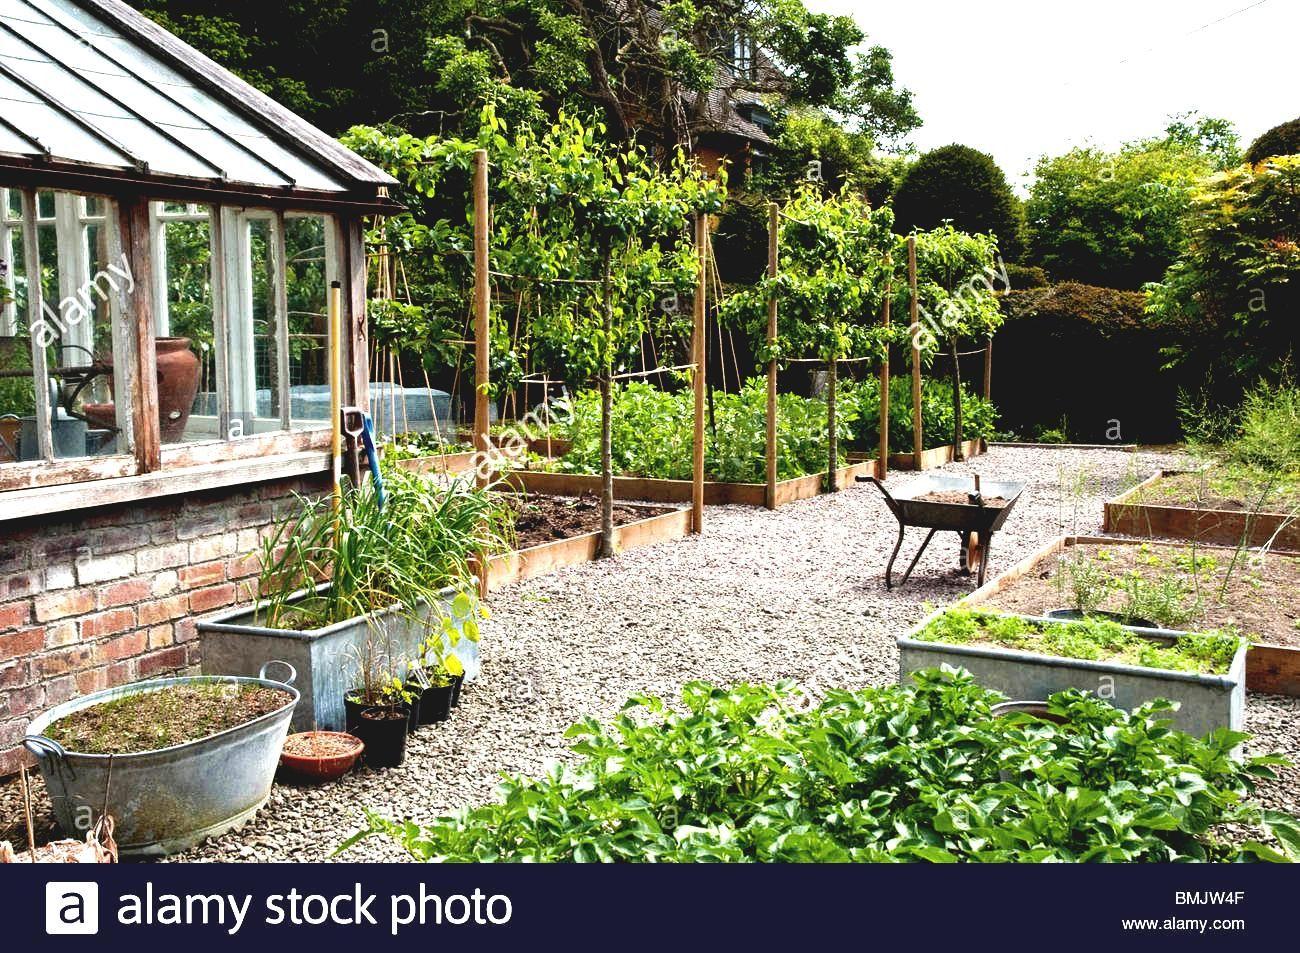 Die Besten Gemuse Garten Design Ideen Fur Das Grune Wohnzimmer Morflora Gartendeko Garten Design Cottage Garten Kleine Hinterhofgarten